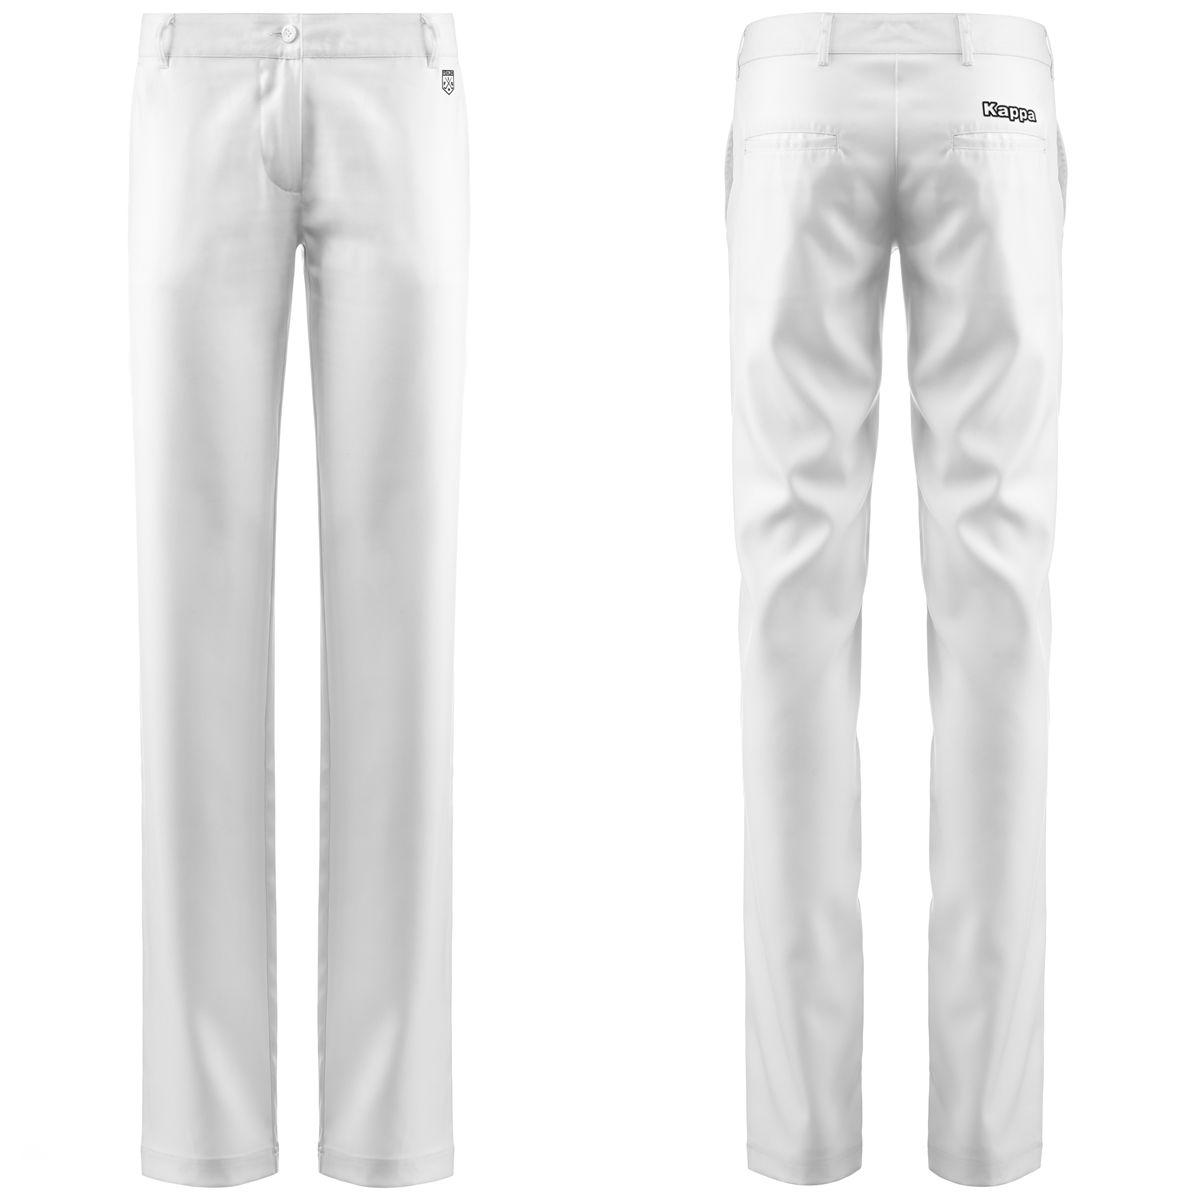 Kappa Pants for woman-302RC70